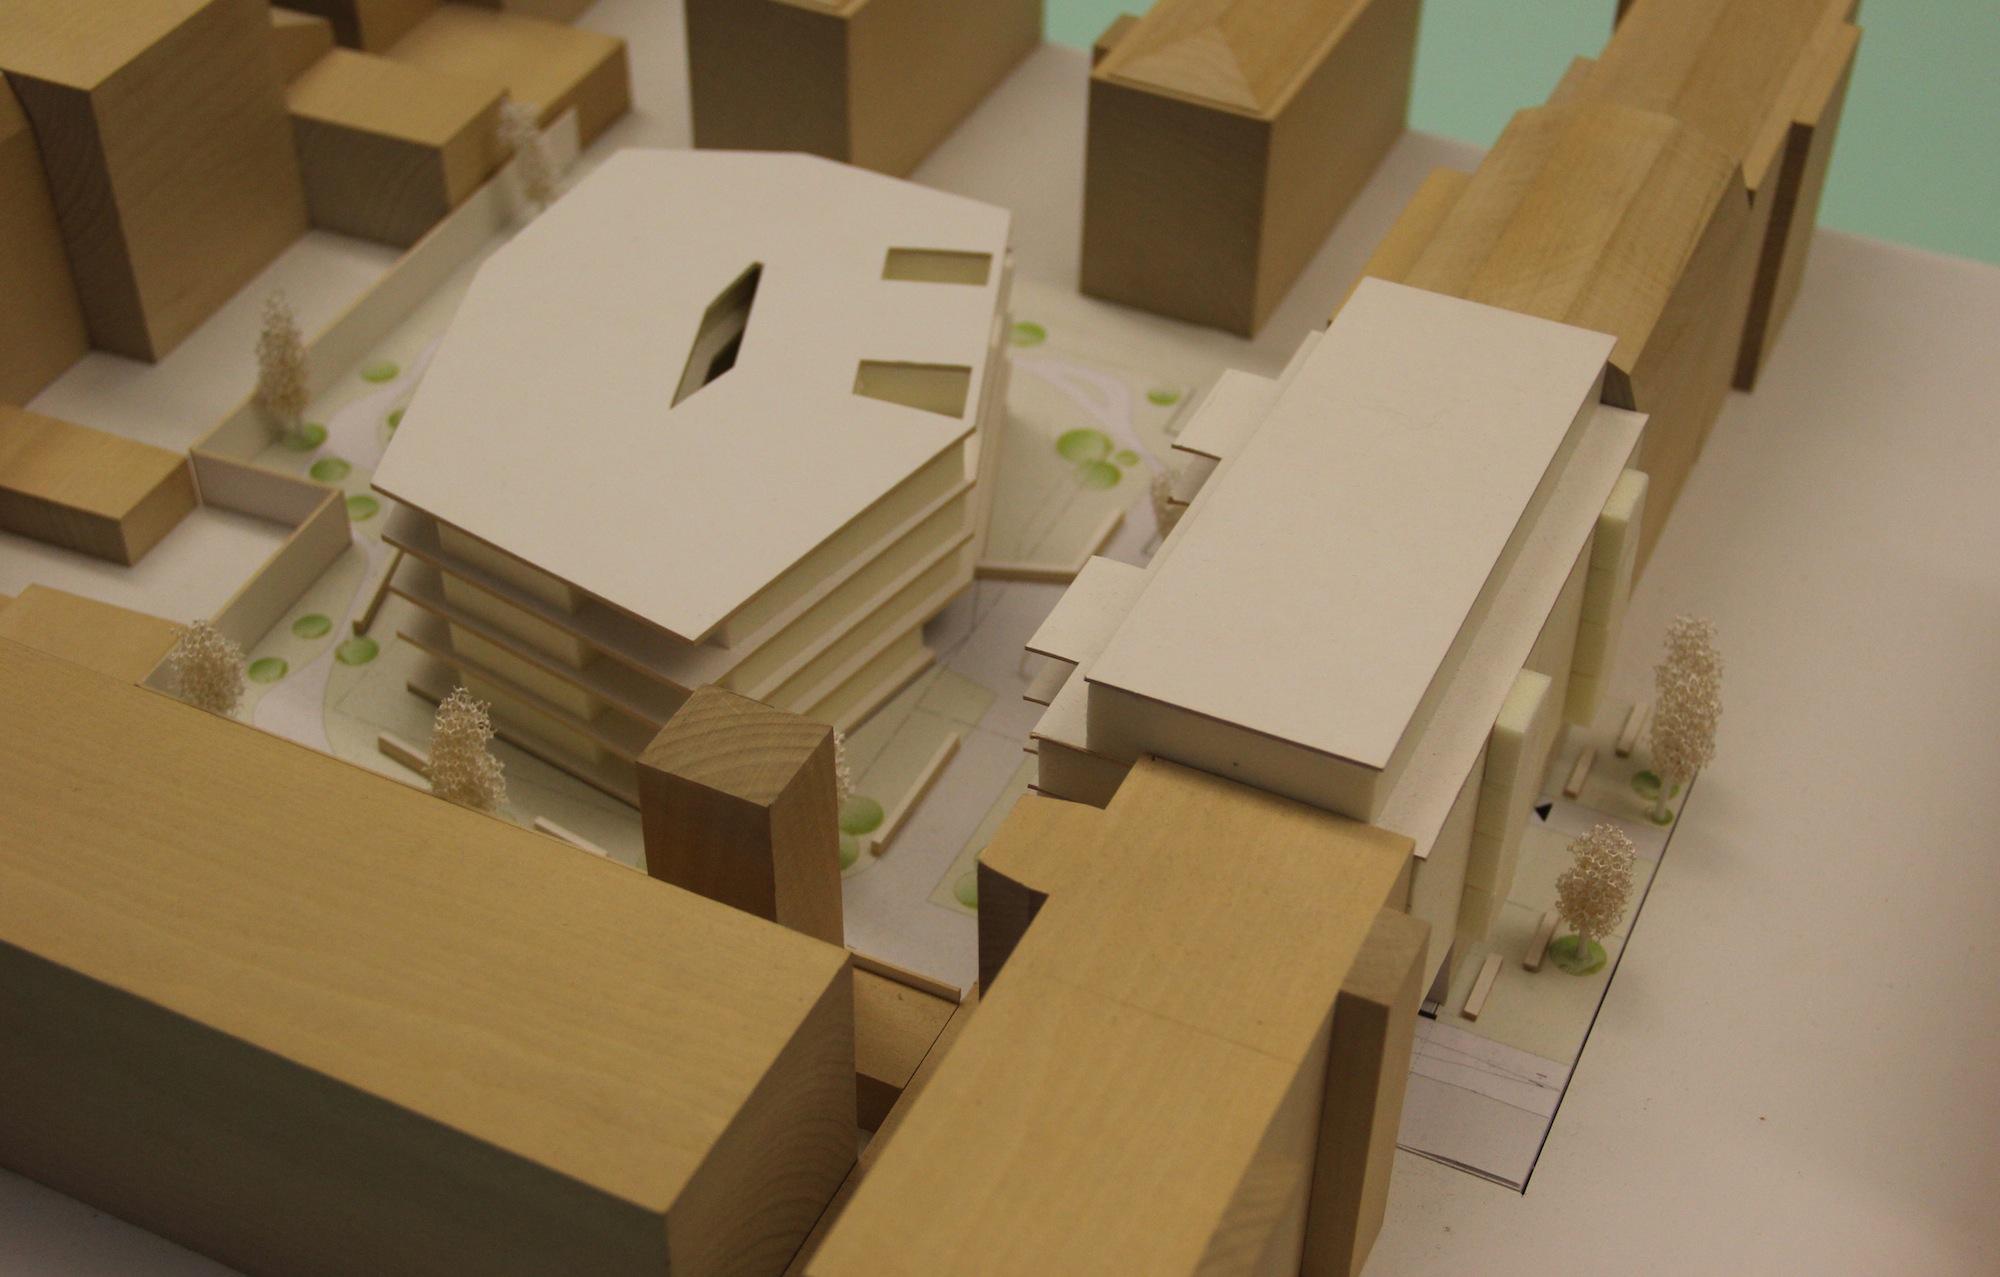 Das Modell für den Johannshof: An der Vogesenstrasse (rechts) soll das Vorderhaus stehen, dahinter das Hofgebäude mit einer kleinen Grünzone.